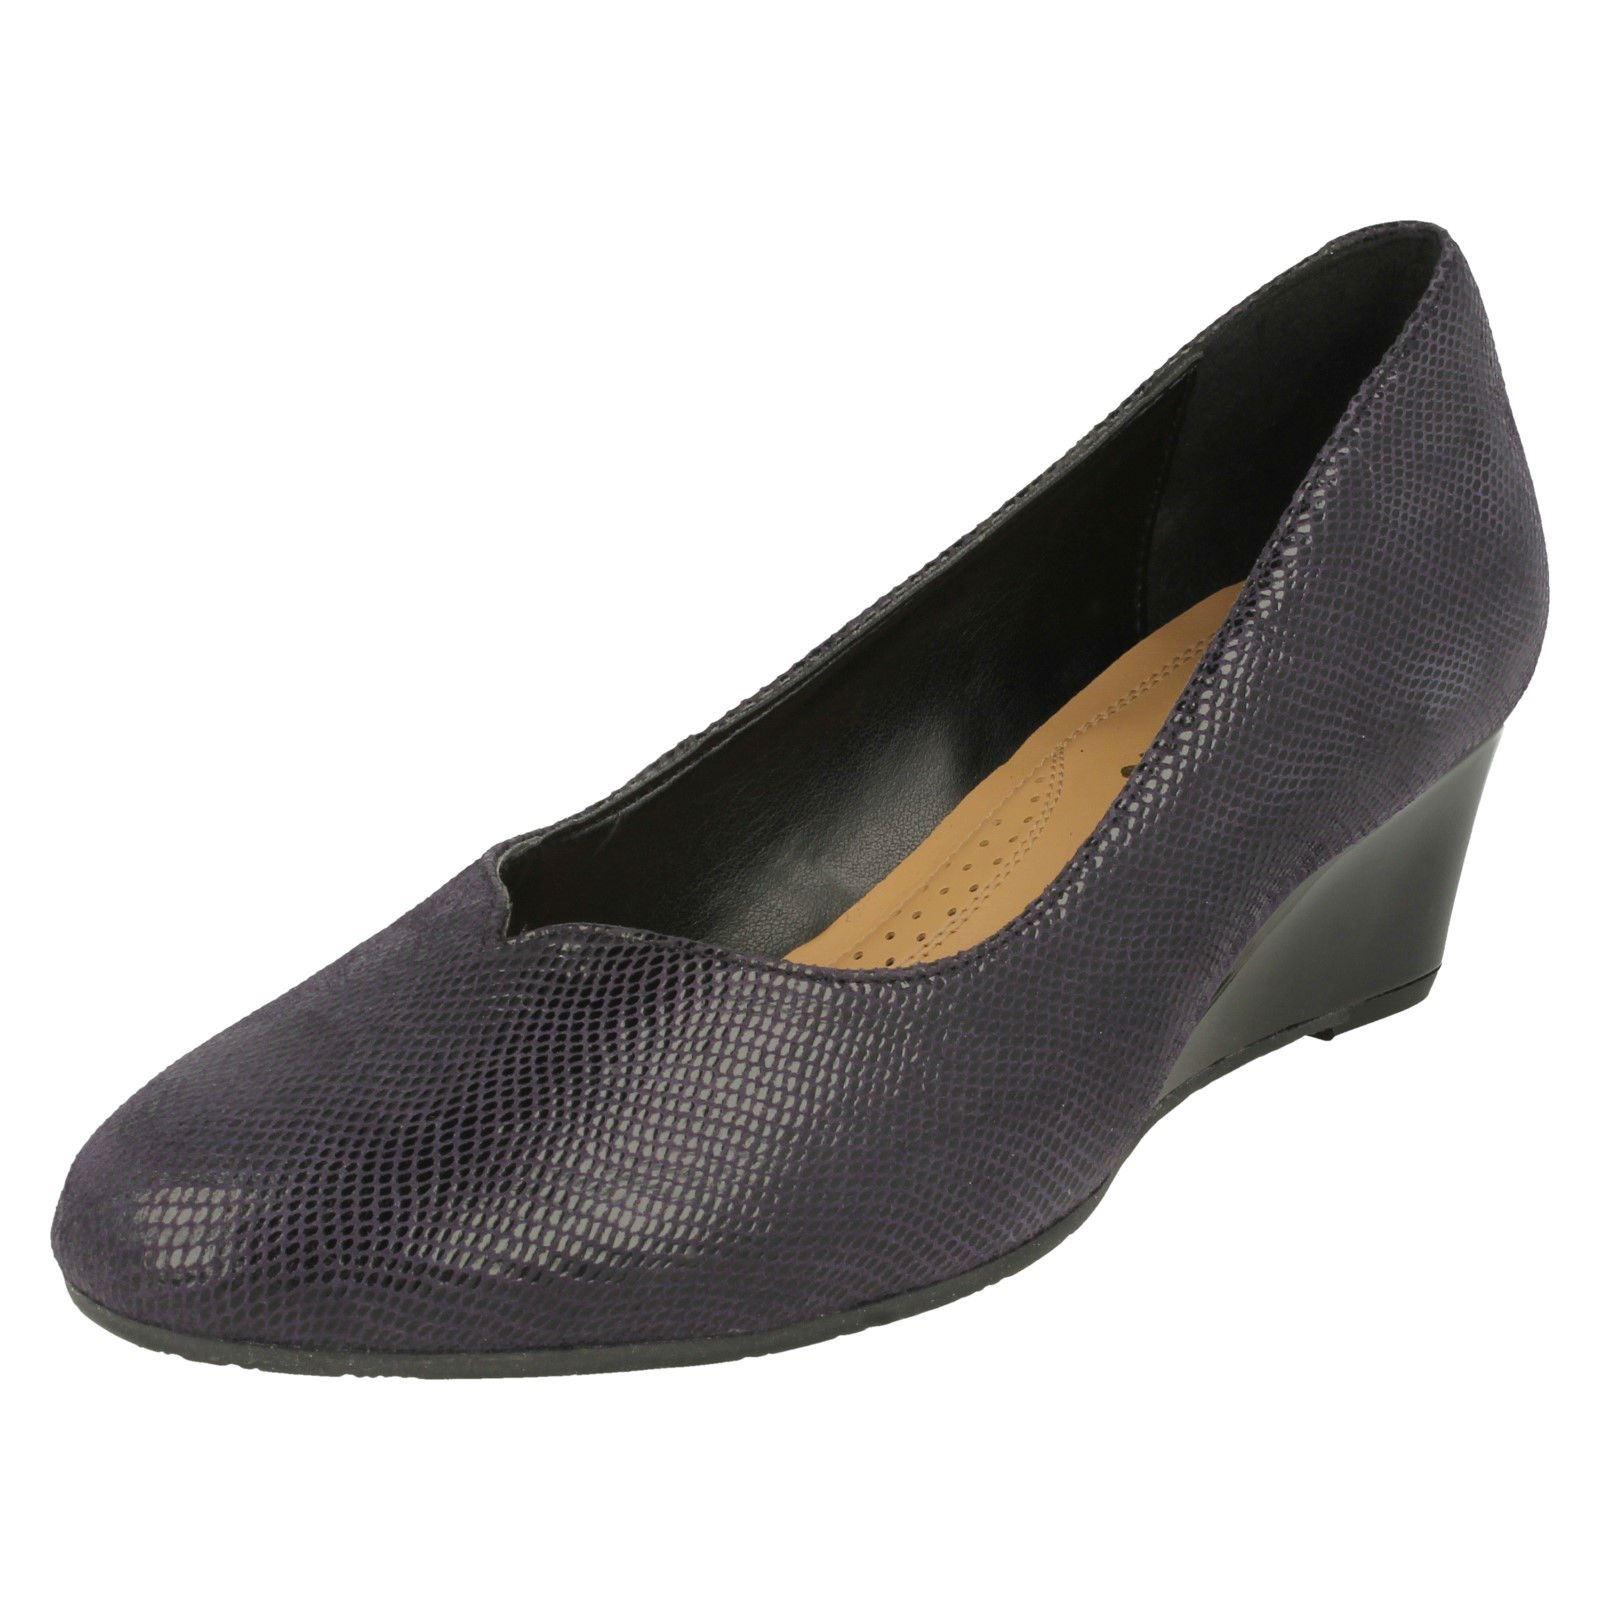 Ladies Van Dal Wedge Heel Shoes